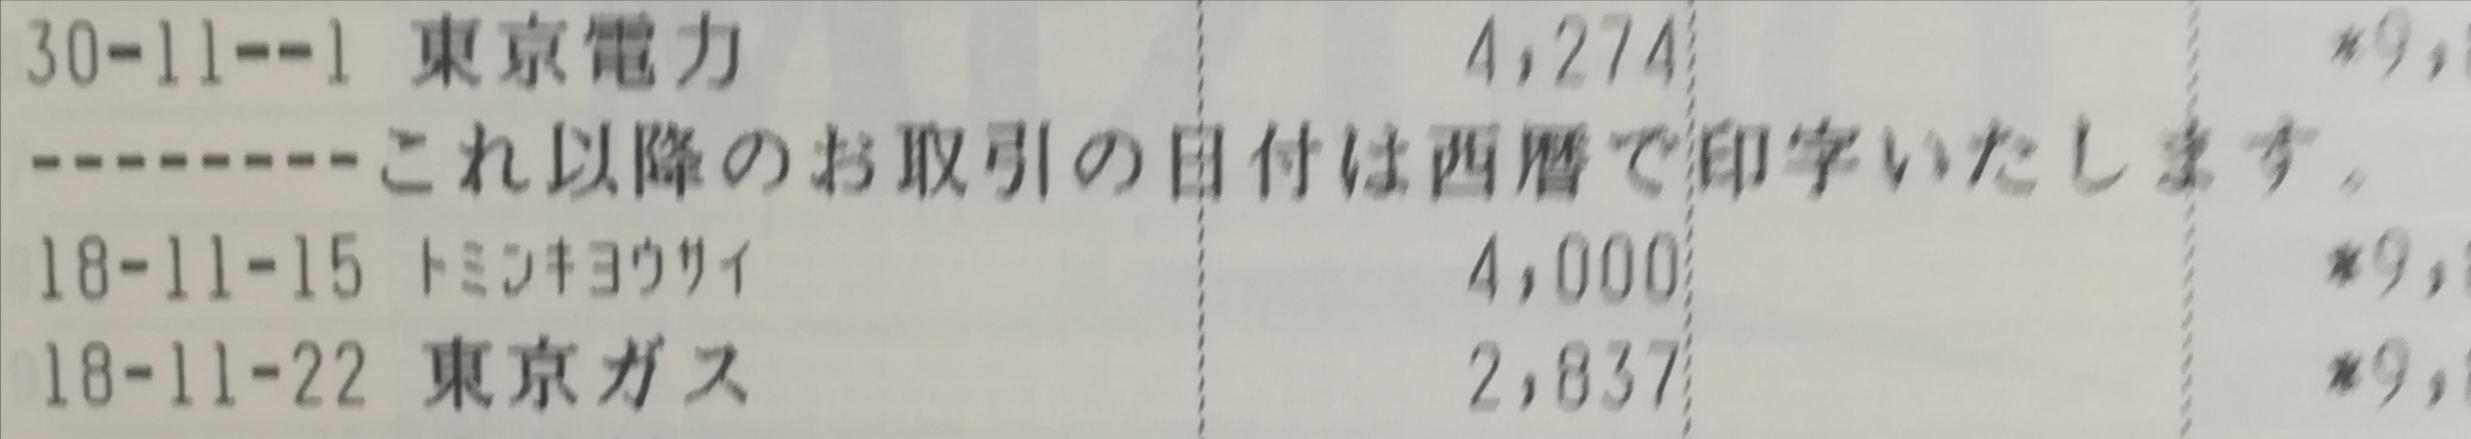 みずほ銀行の預金通帳の画像